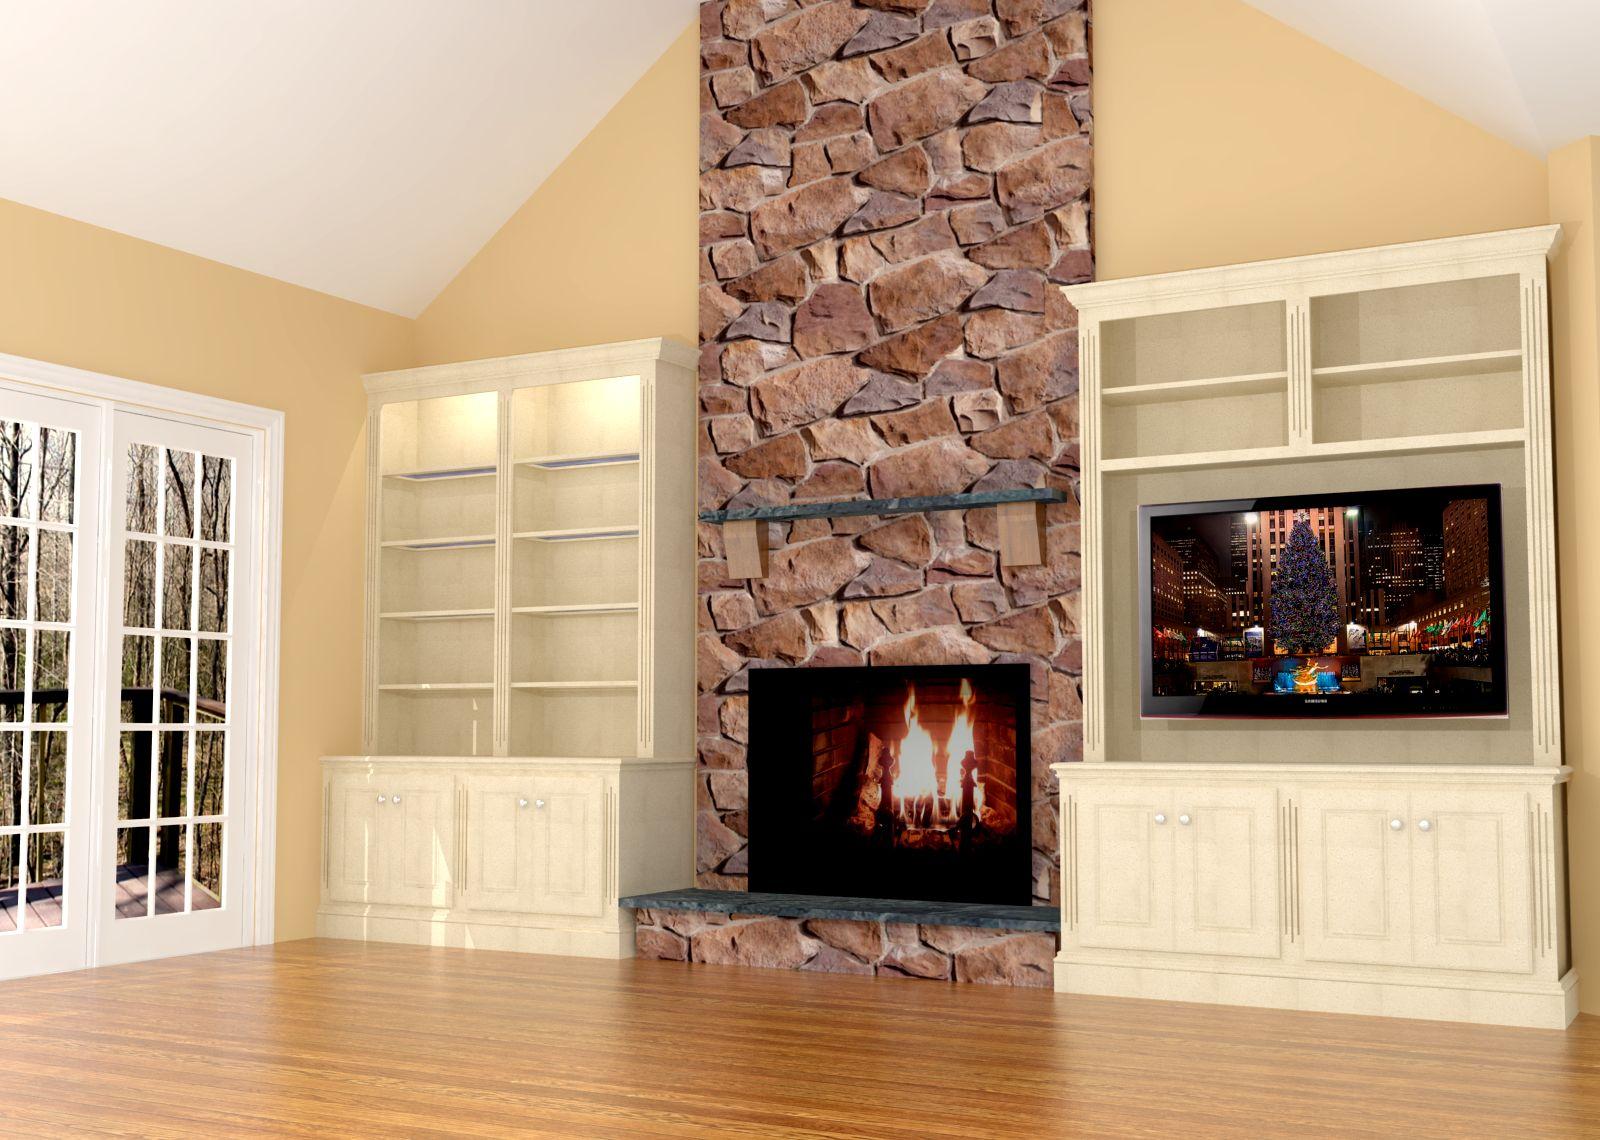 Fireplace wall built